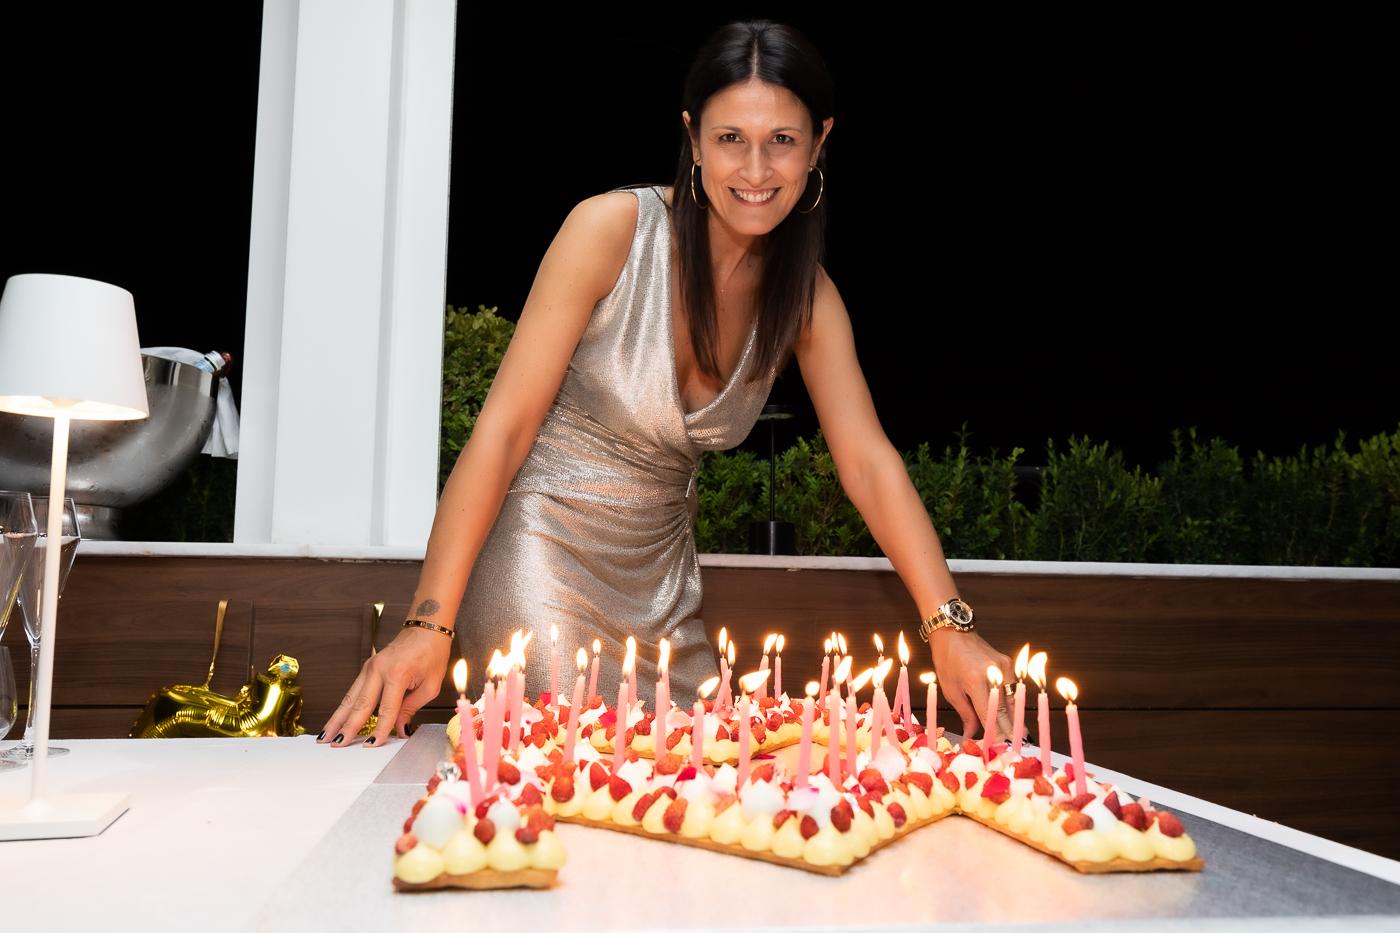 Festa Compleanno 40 Anni Uomo monica mattei doppia festa per i 40 anni | viviroma.tv